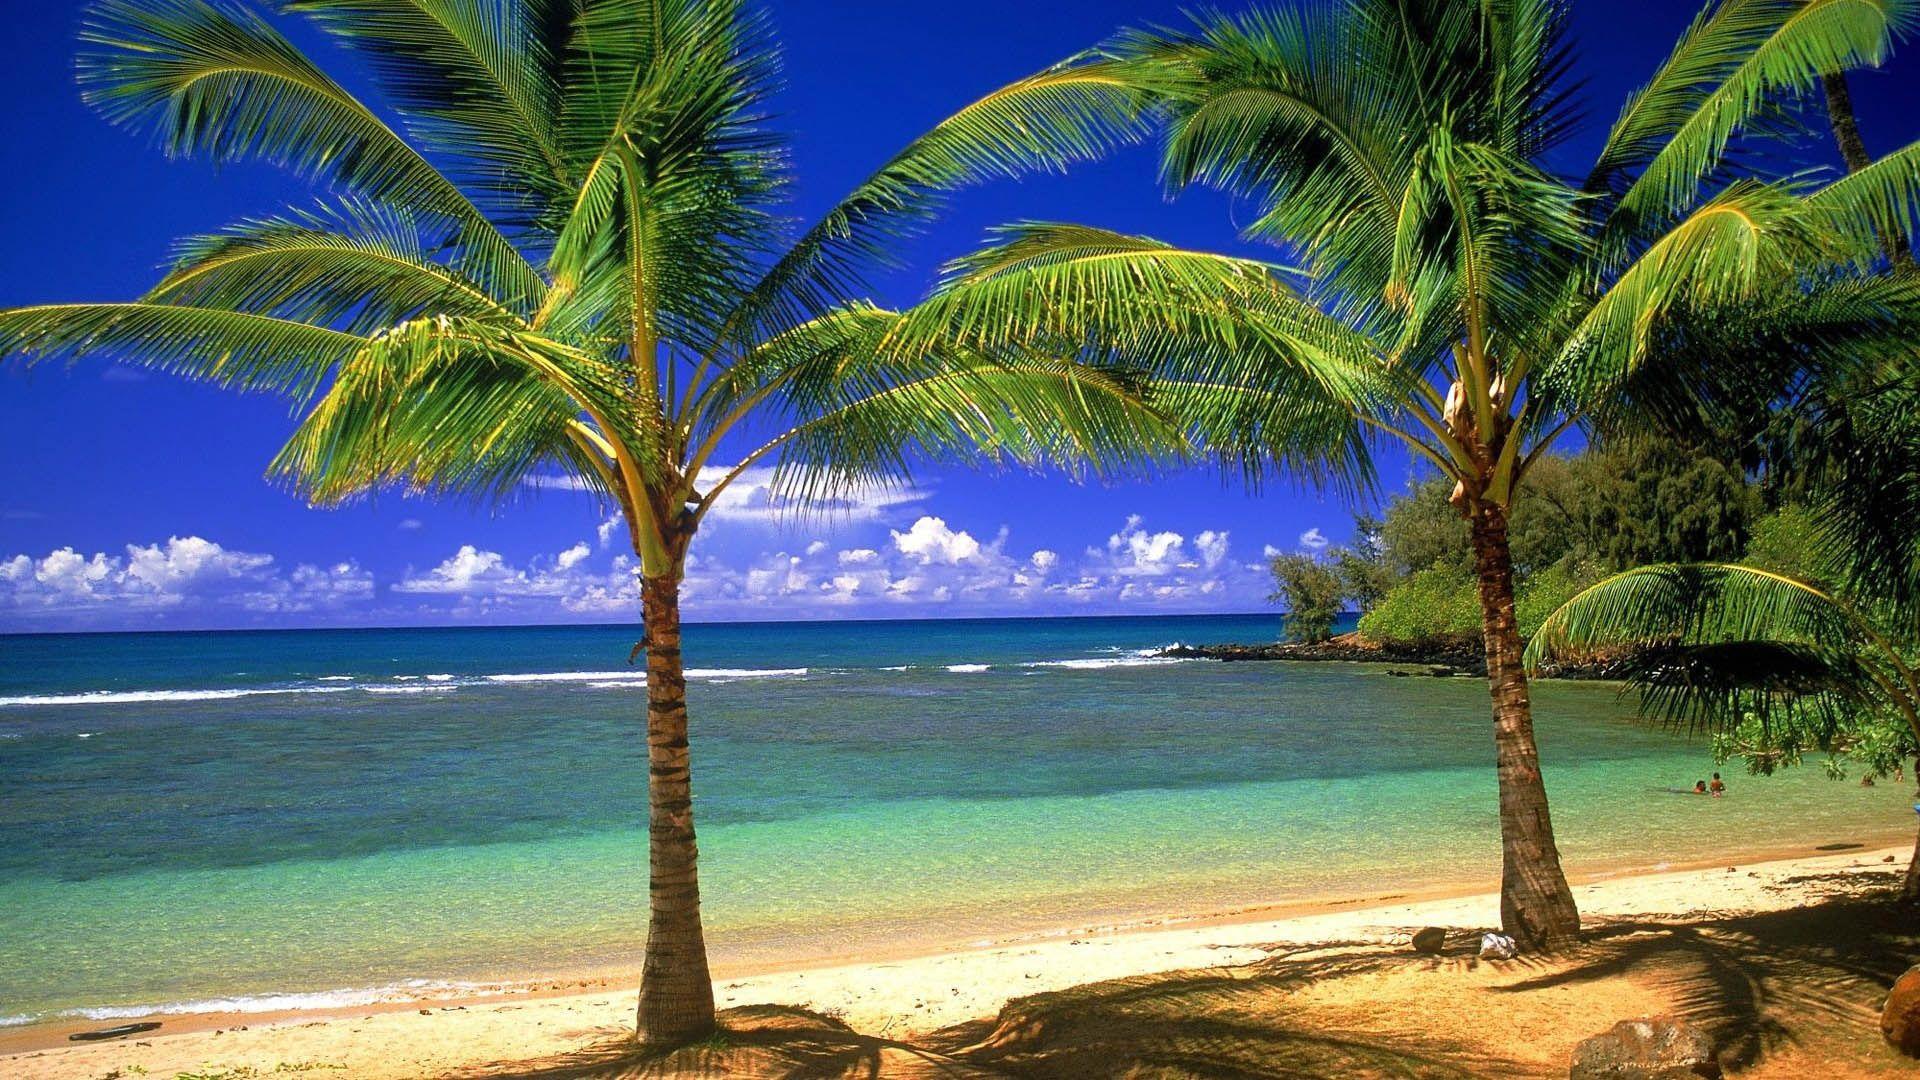 spiaggia-mare-cocco di mare